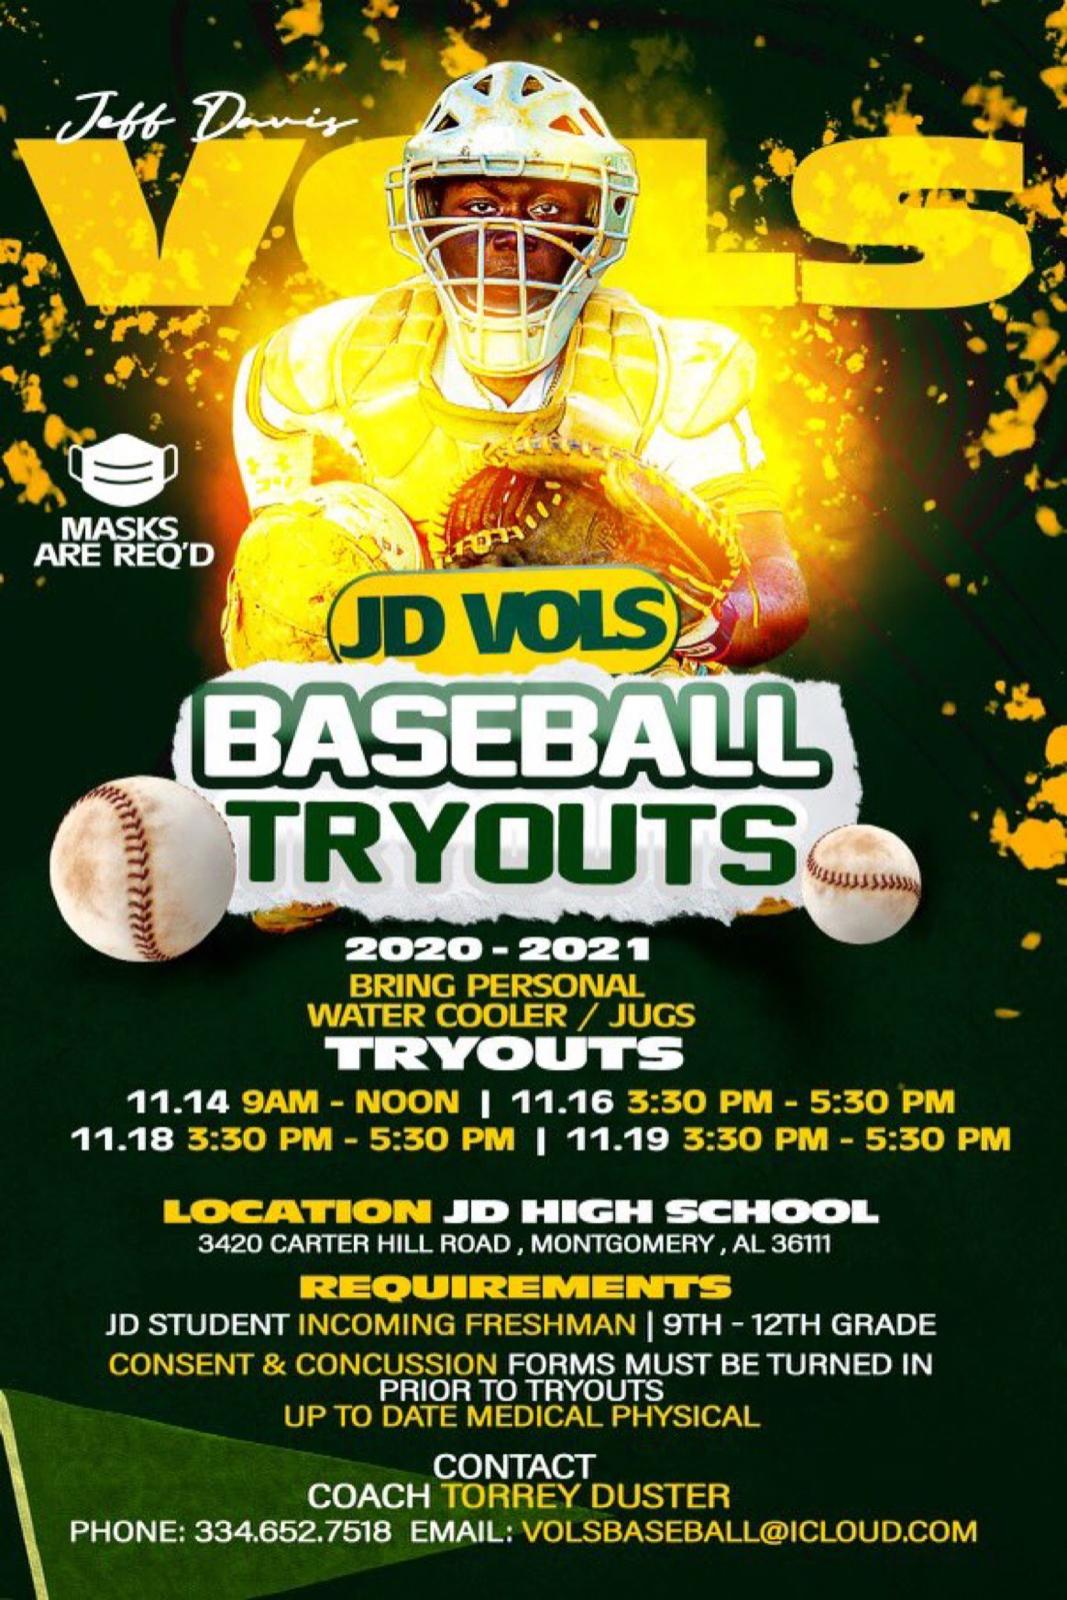 20-21 Baseball Tryouts